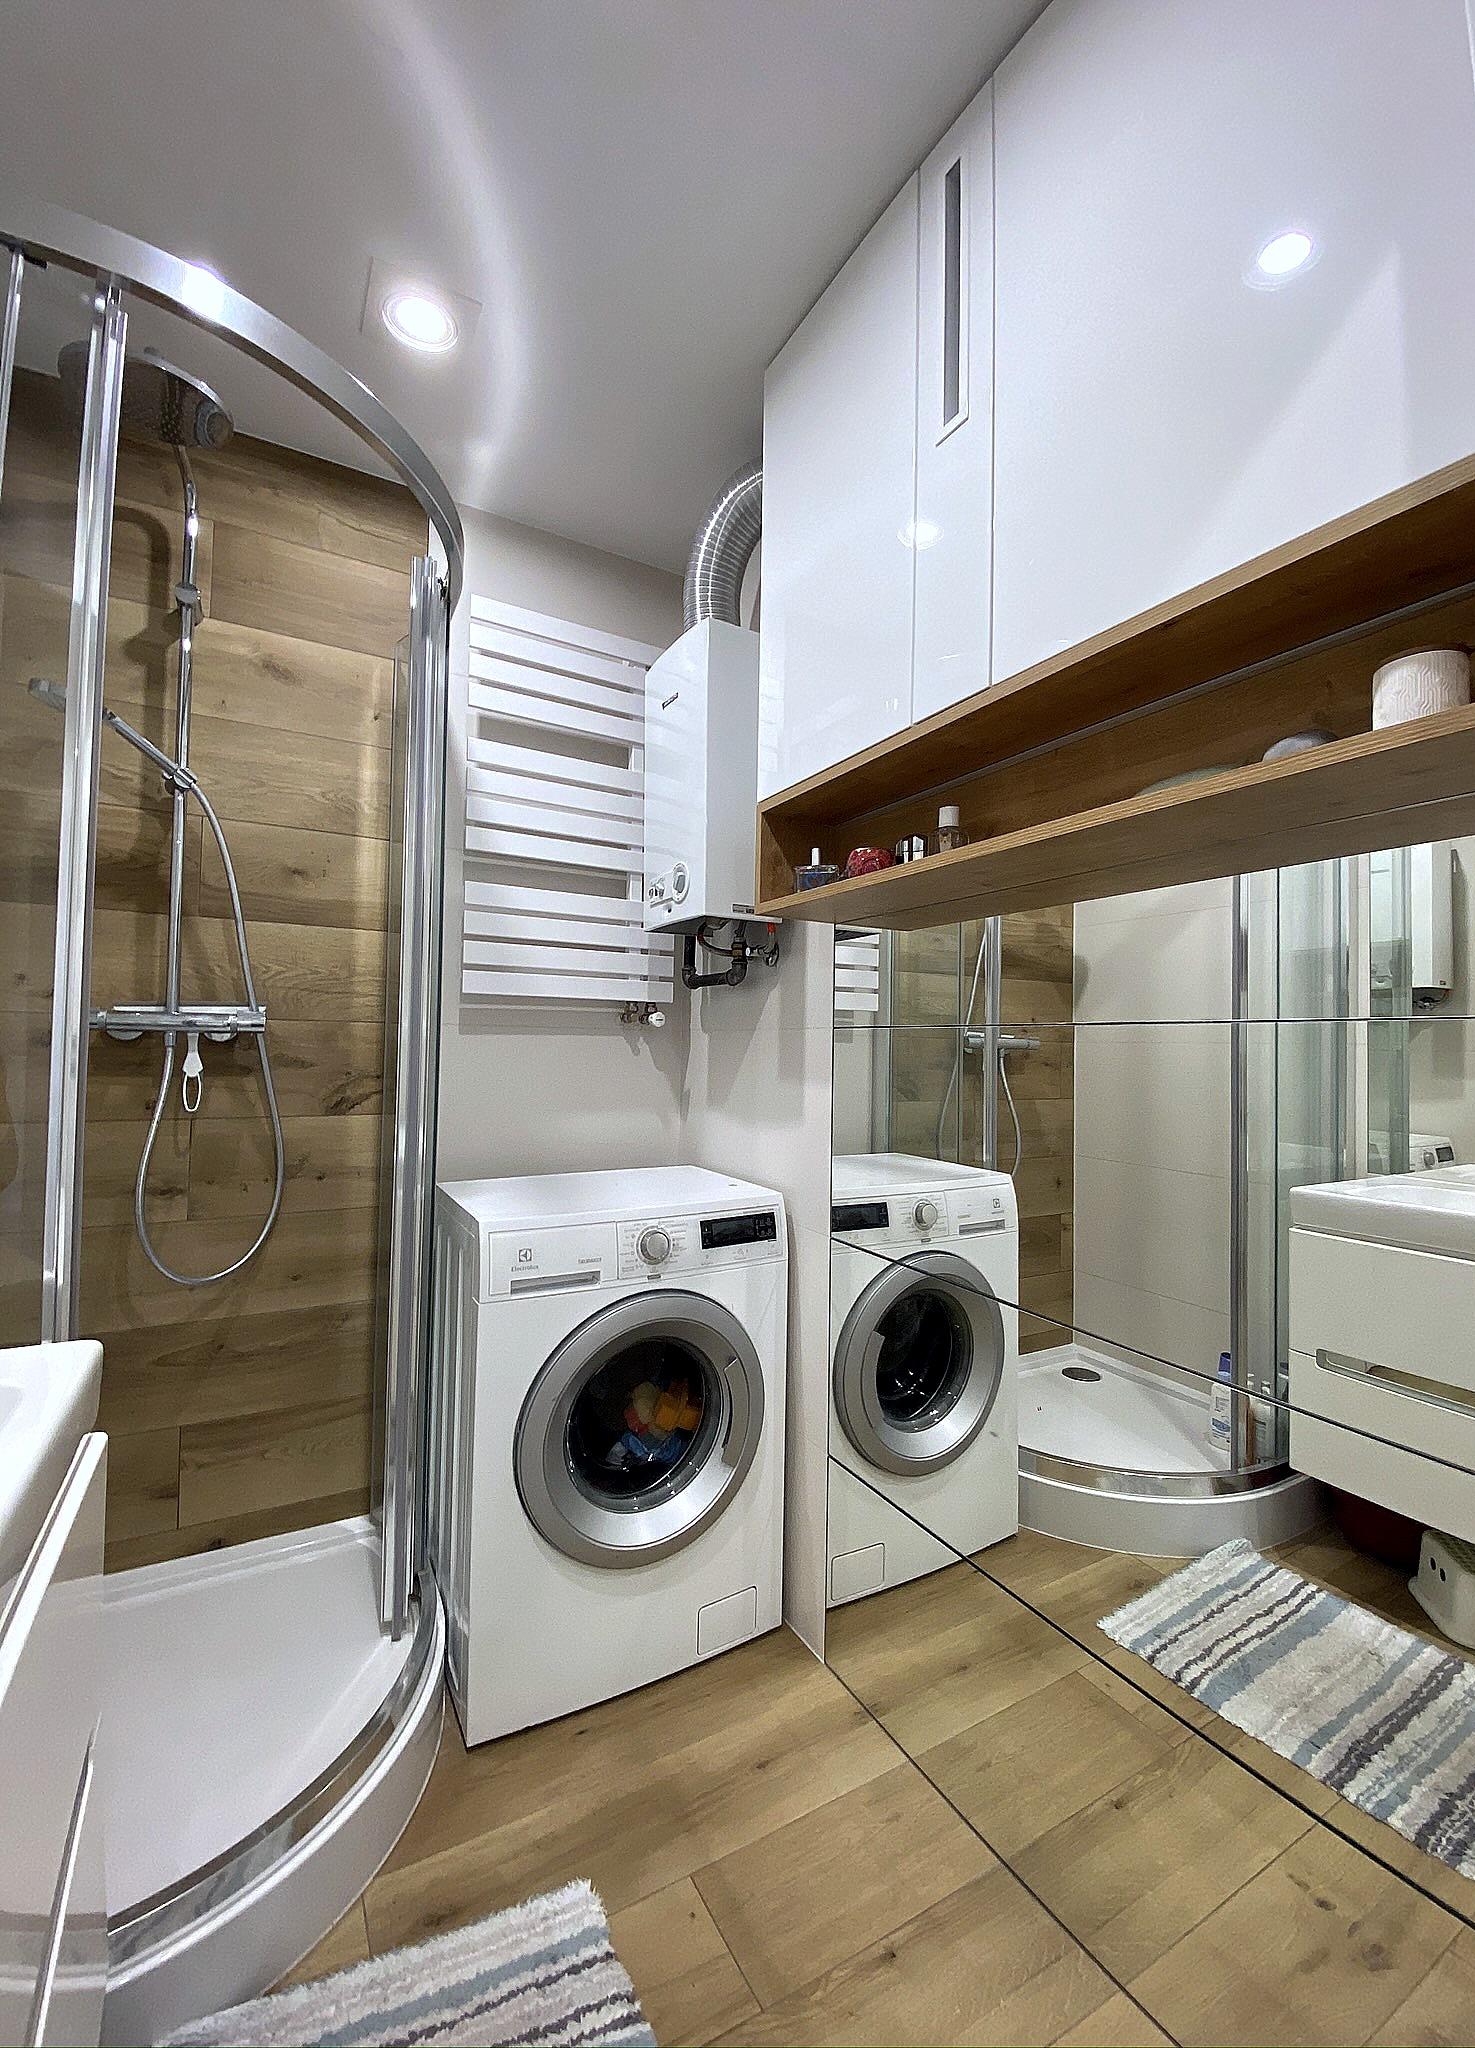 projekt wnętrz łazienki awx2 architekci (3)